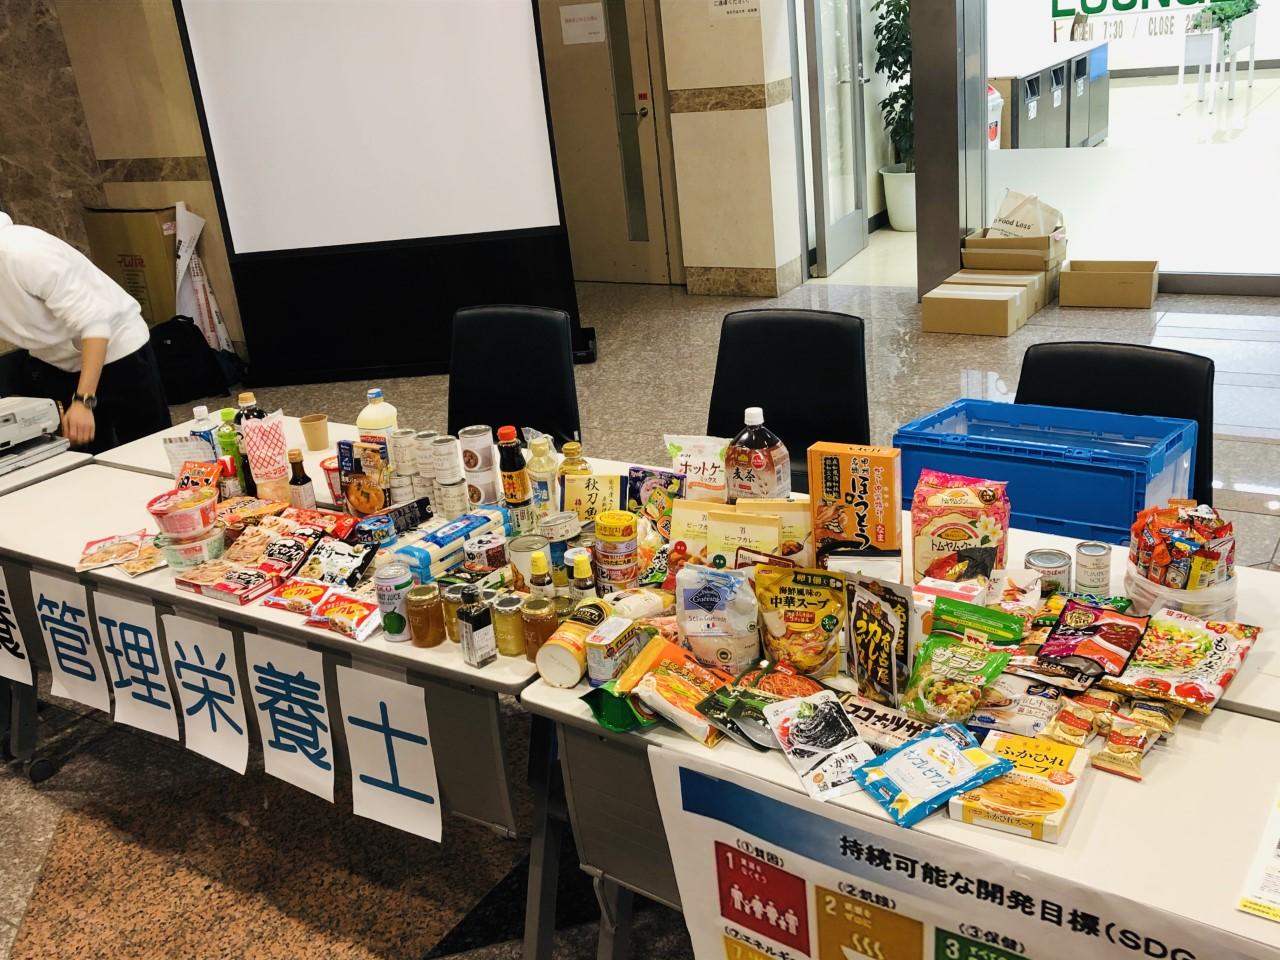 帝京平成大学健康栄養学科の学生有志団体「もったいないプラス」が豊島区と共催でフードドライブを実施